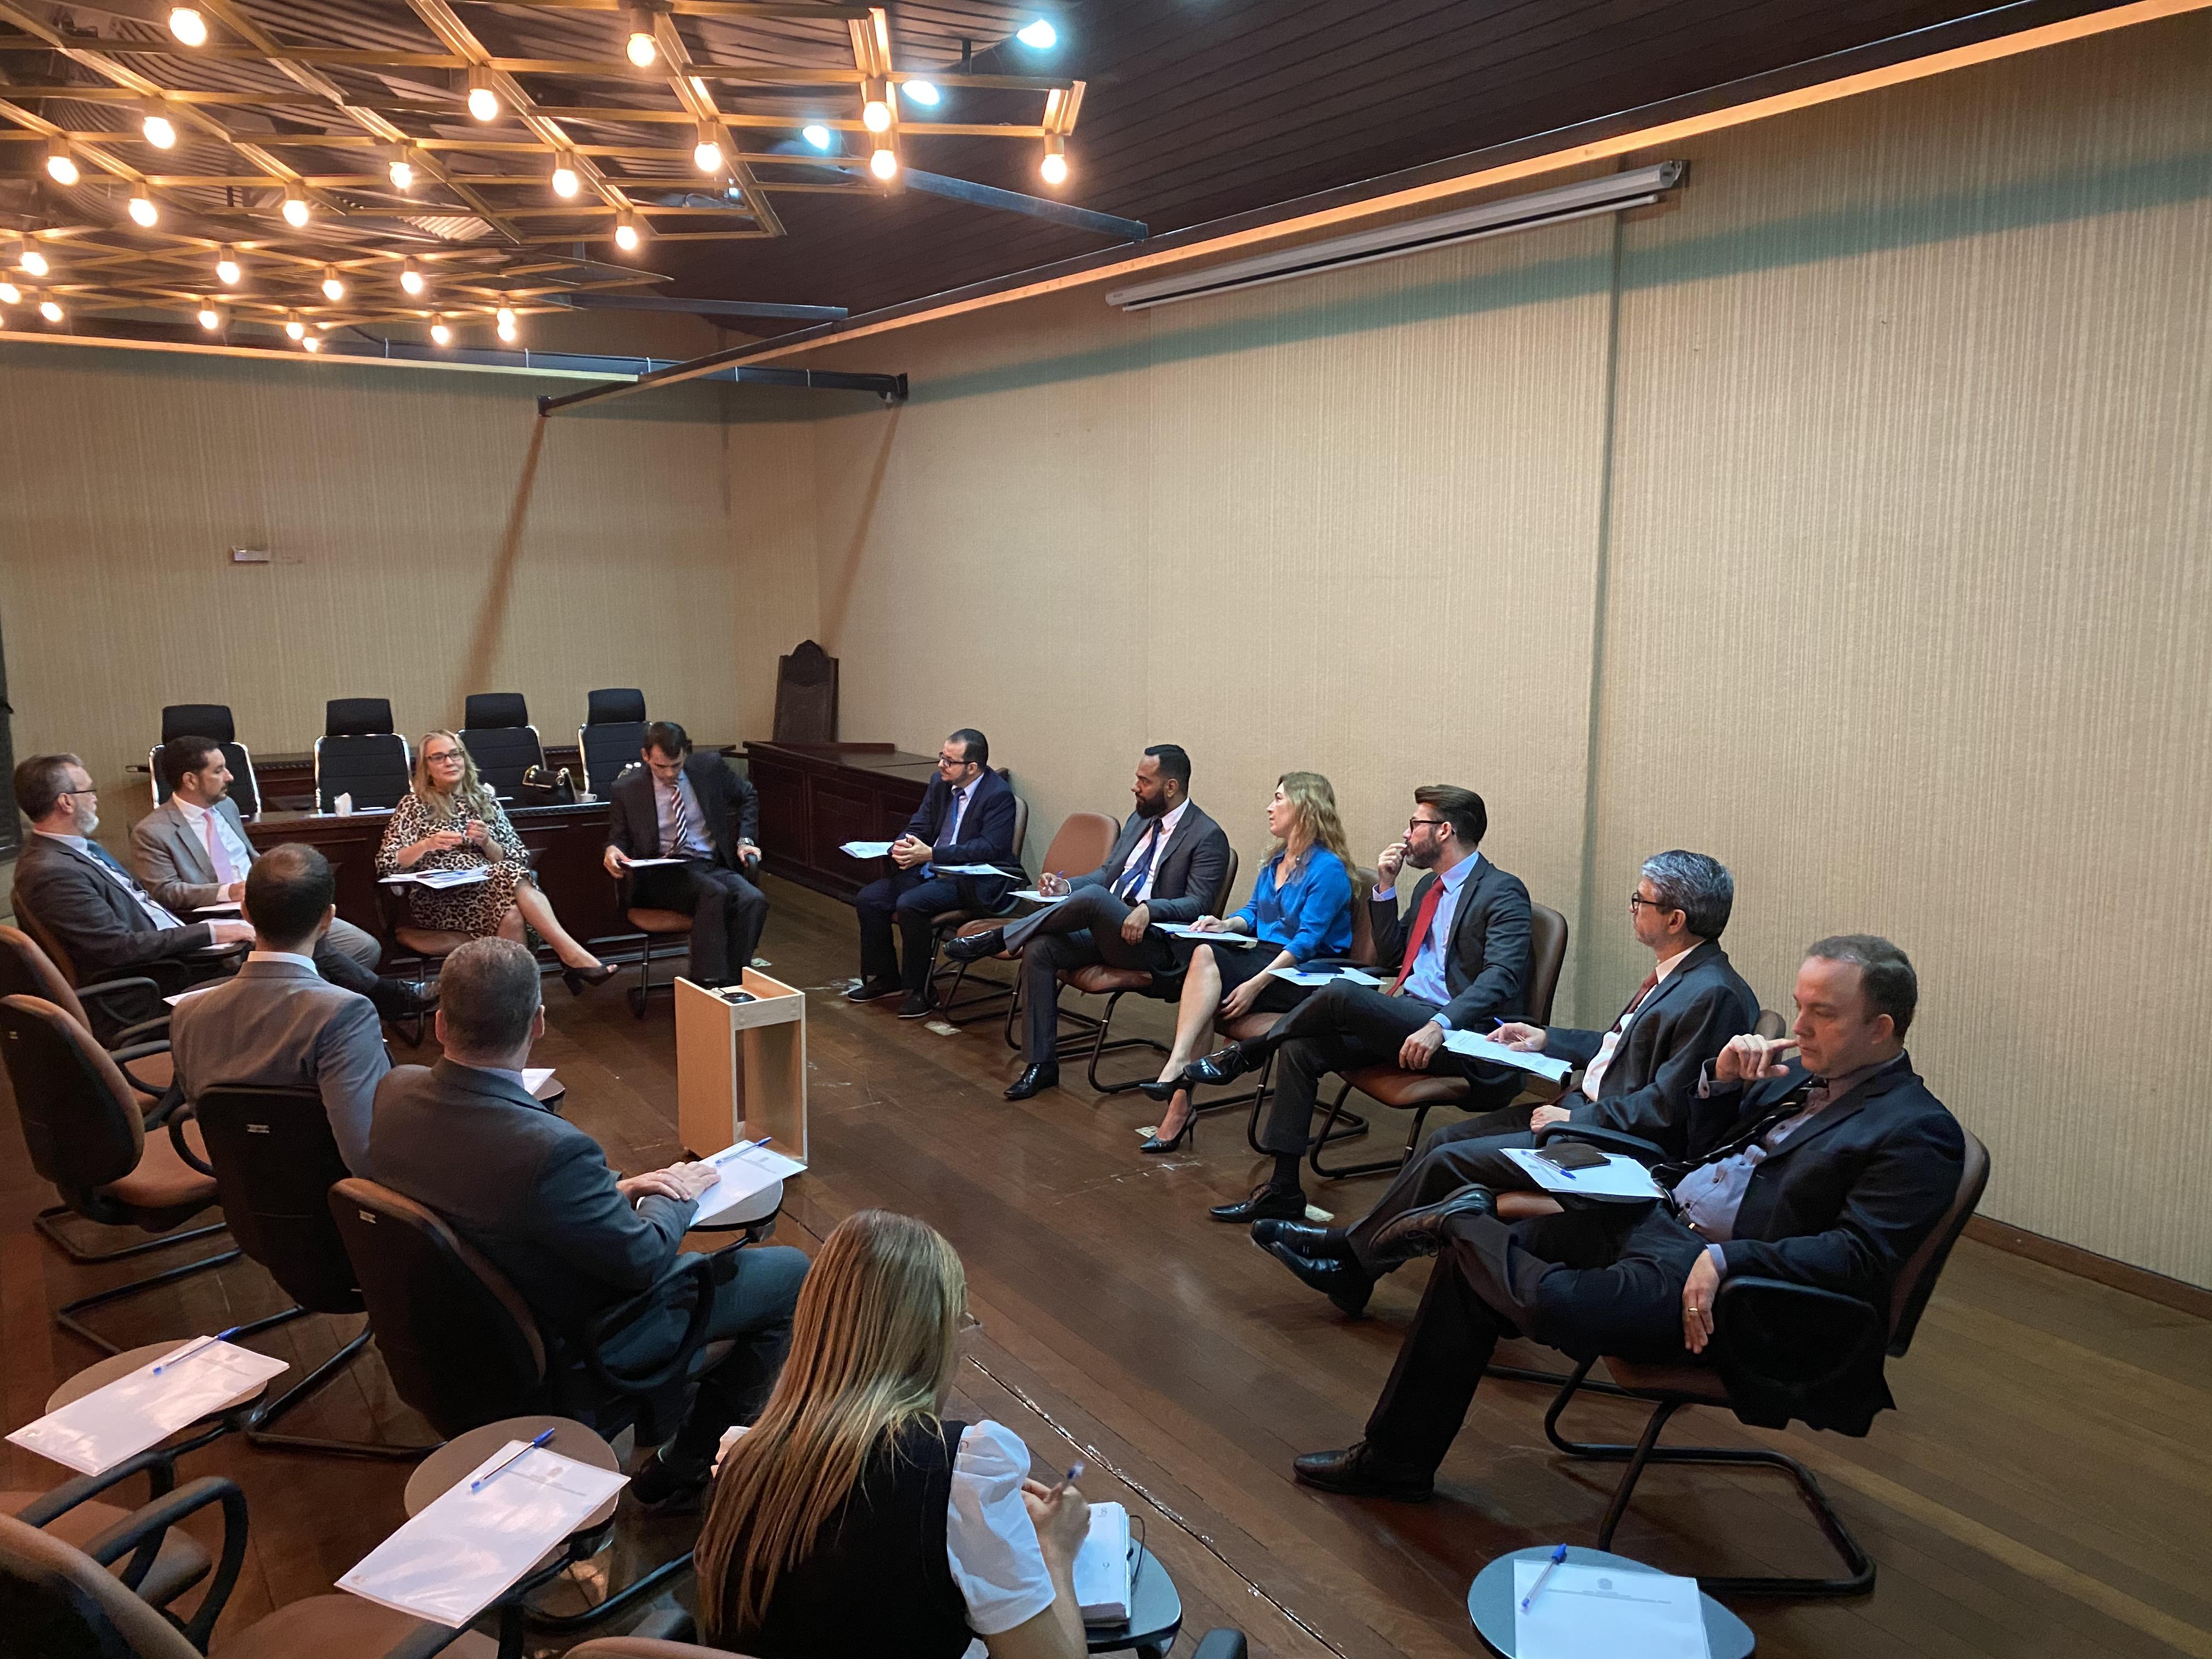 INSTITUCIONAL: Seção Judiciária de Goiás discute aperfeiçoamento dos Juizados Especiais Federais